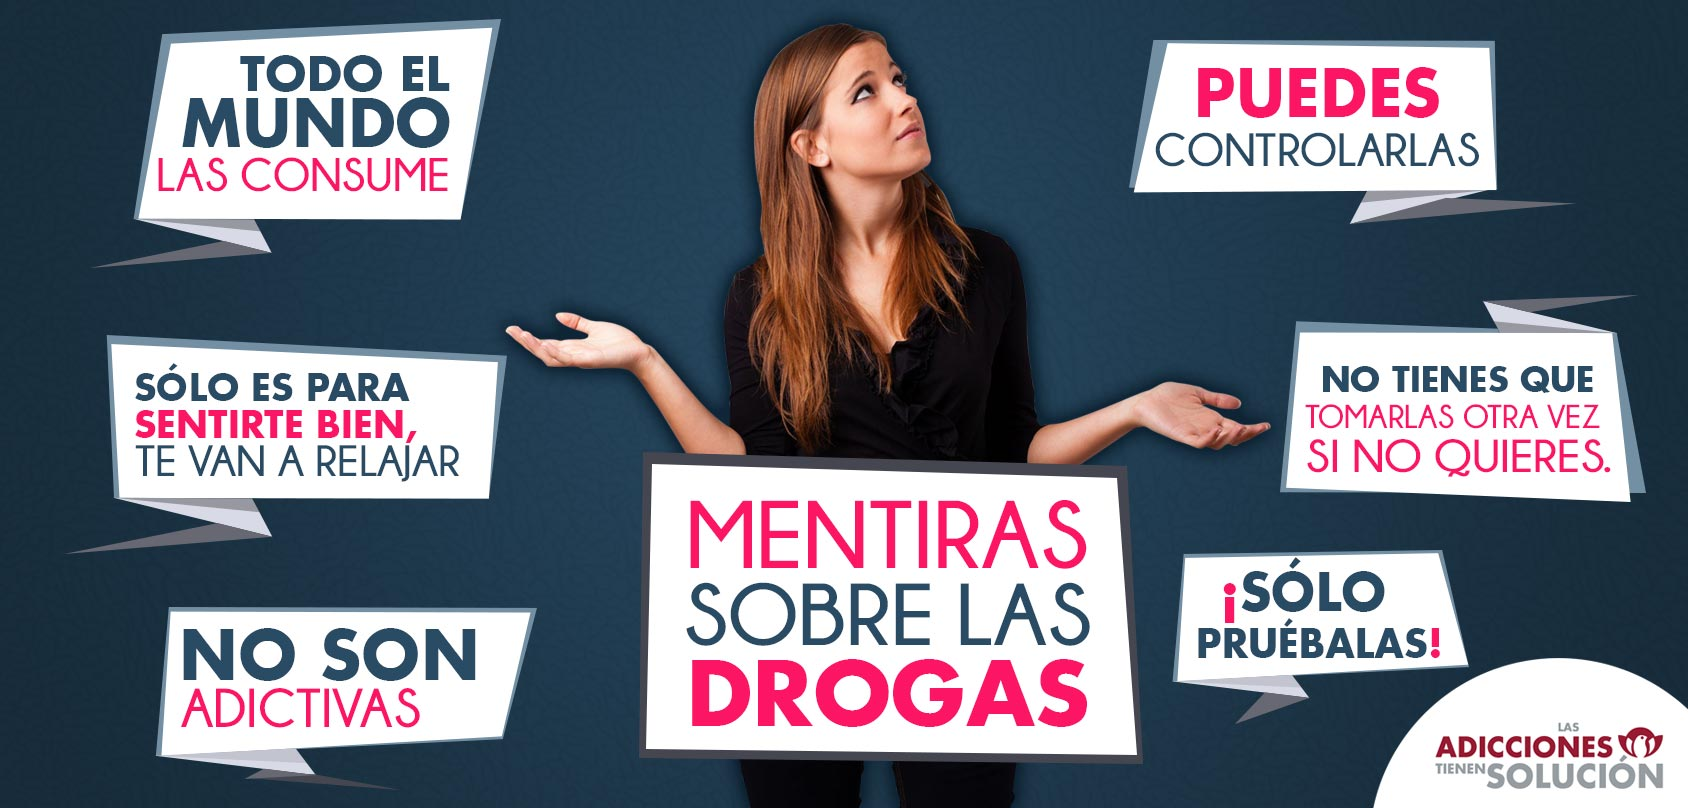 Mentiras sobre las drogas MONTE